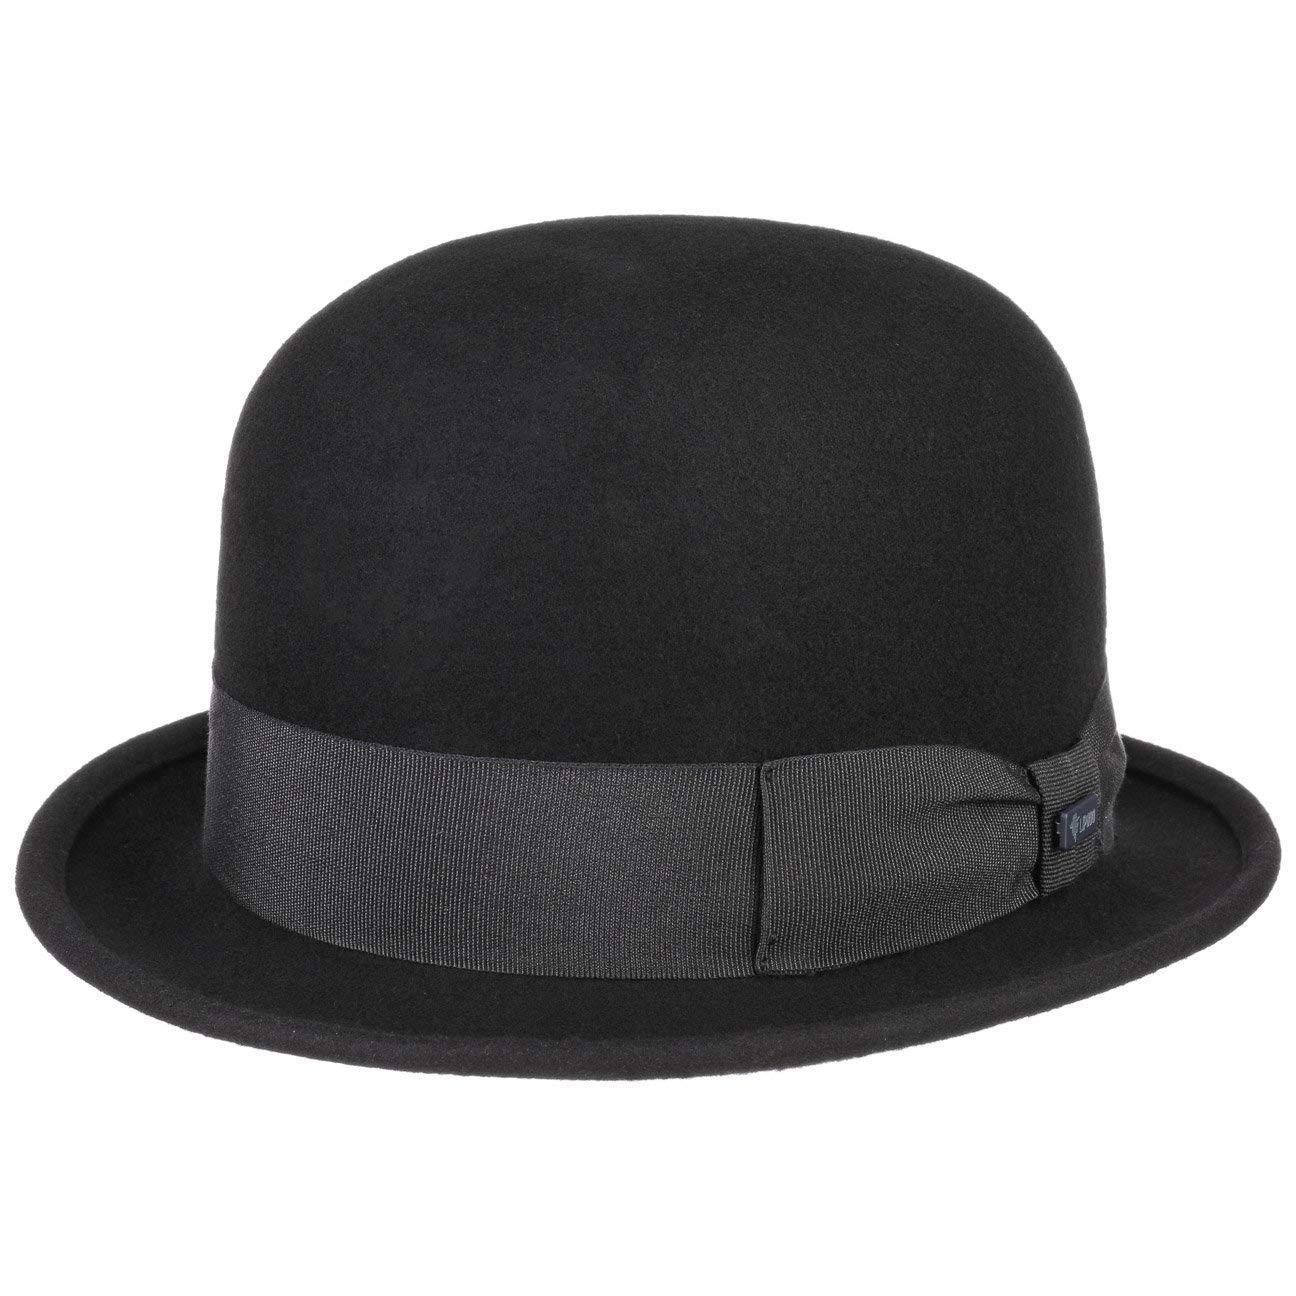 Lipodo Bowler Wool Felt Hat Women/Men Black XL (7 1/2-7 5/8)